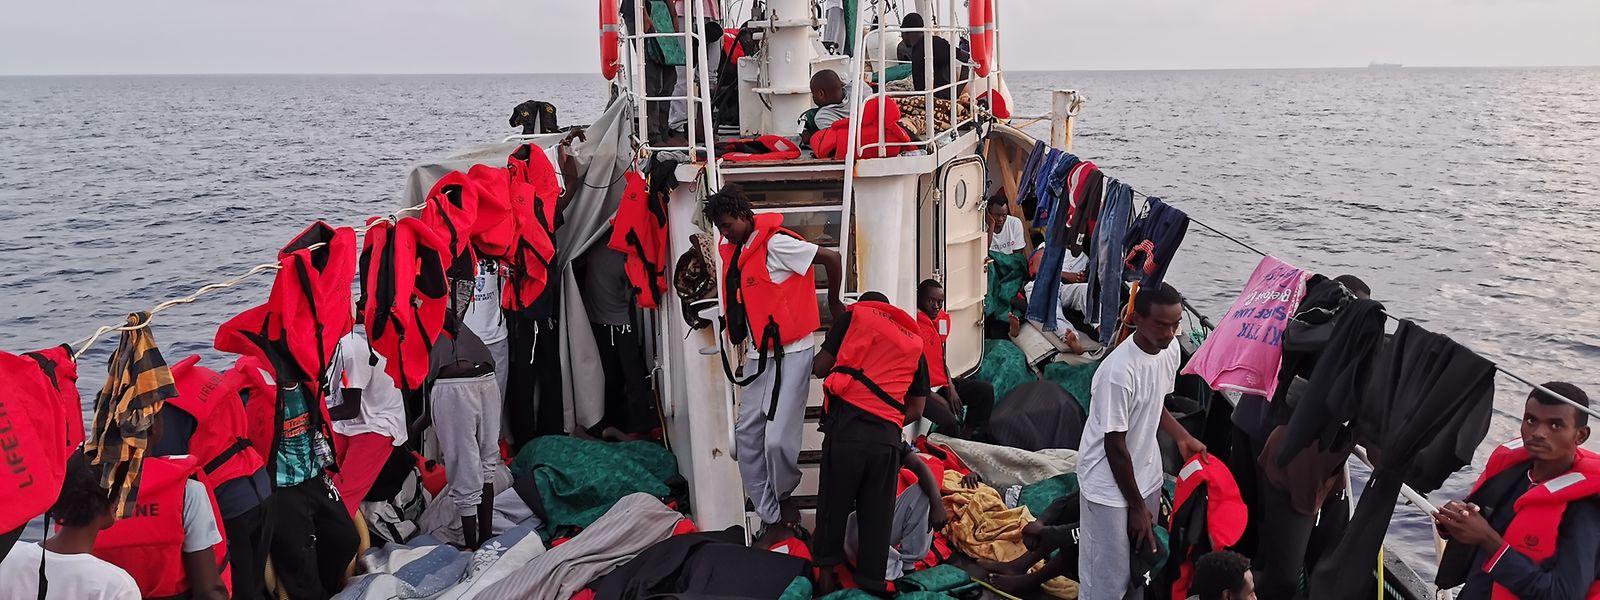 """Das Rettungsschiff """"Eleonore"""" mit 100 Flüchtlingen an Bord war seit Tagen auf der Suche nach einem sicheren Hafen."""